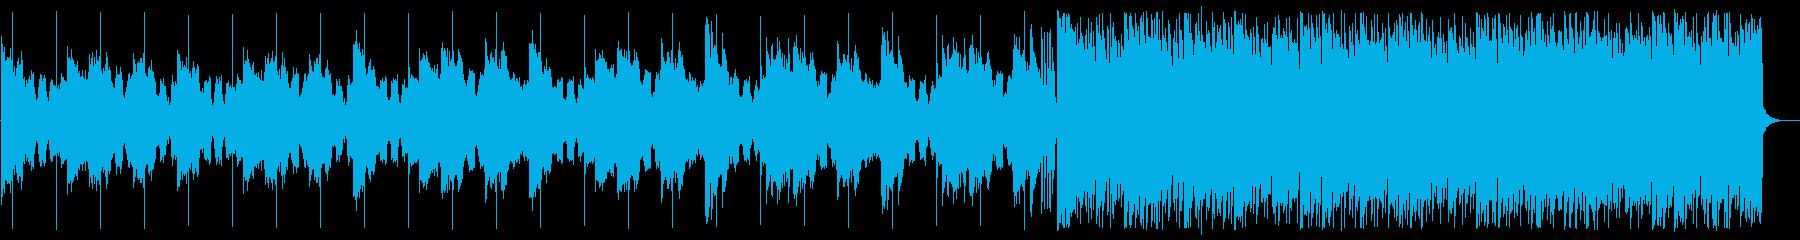 レトロ/エレクトロ_No591_2の再生済みの波形